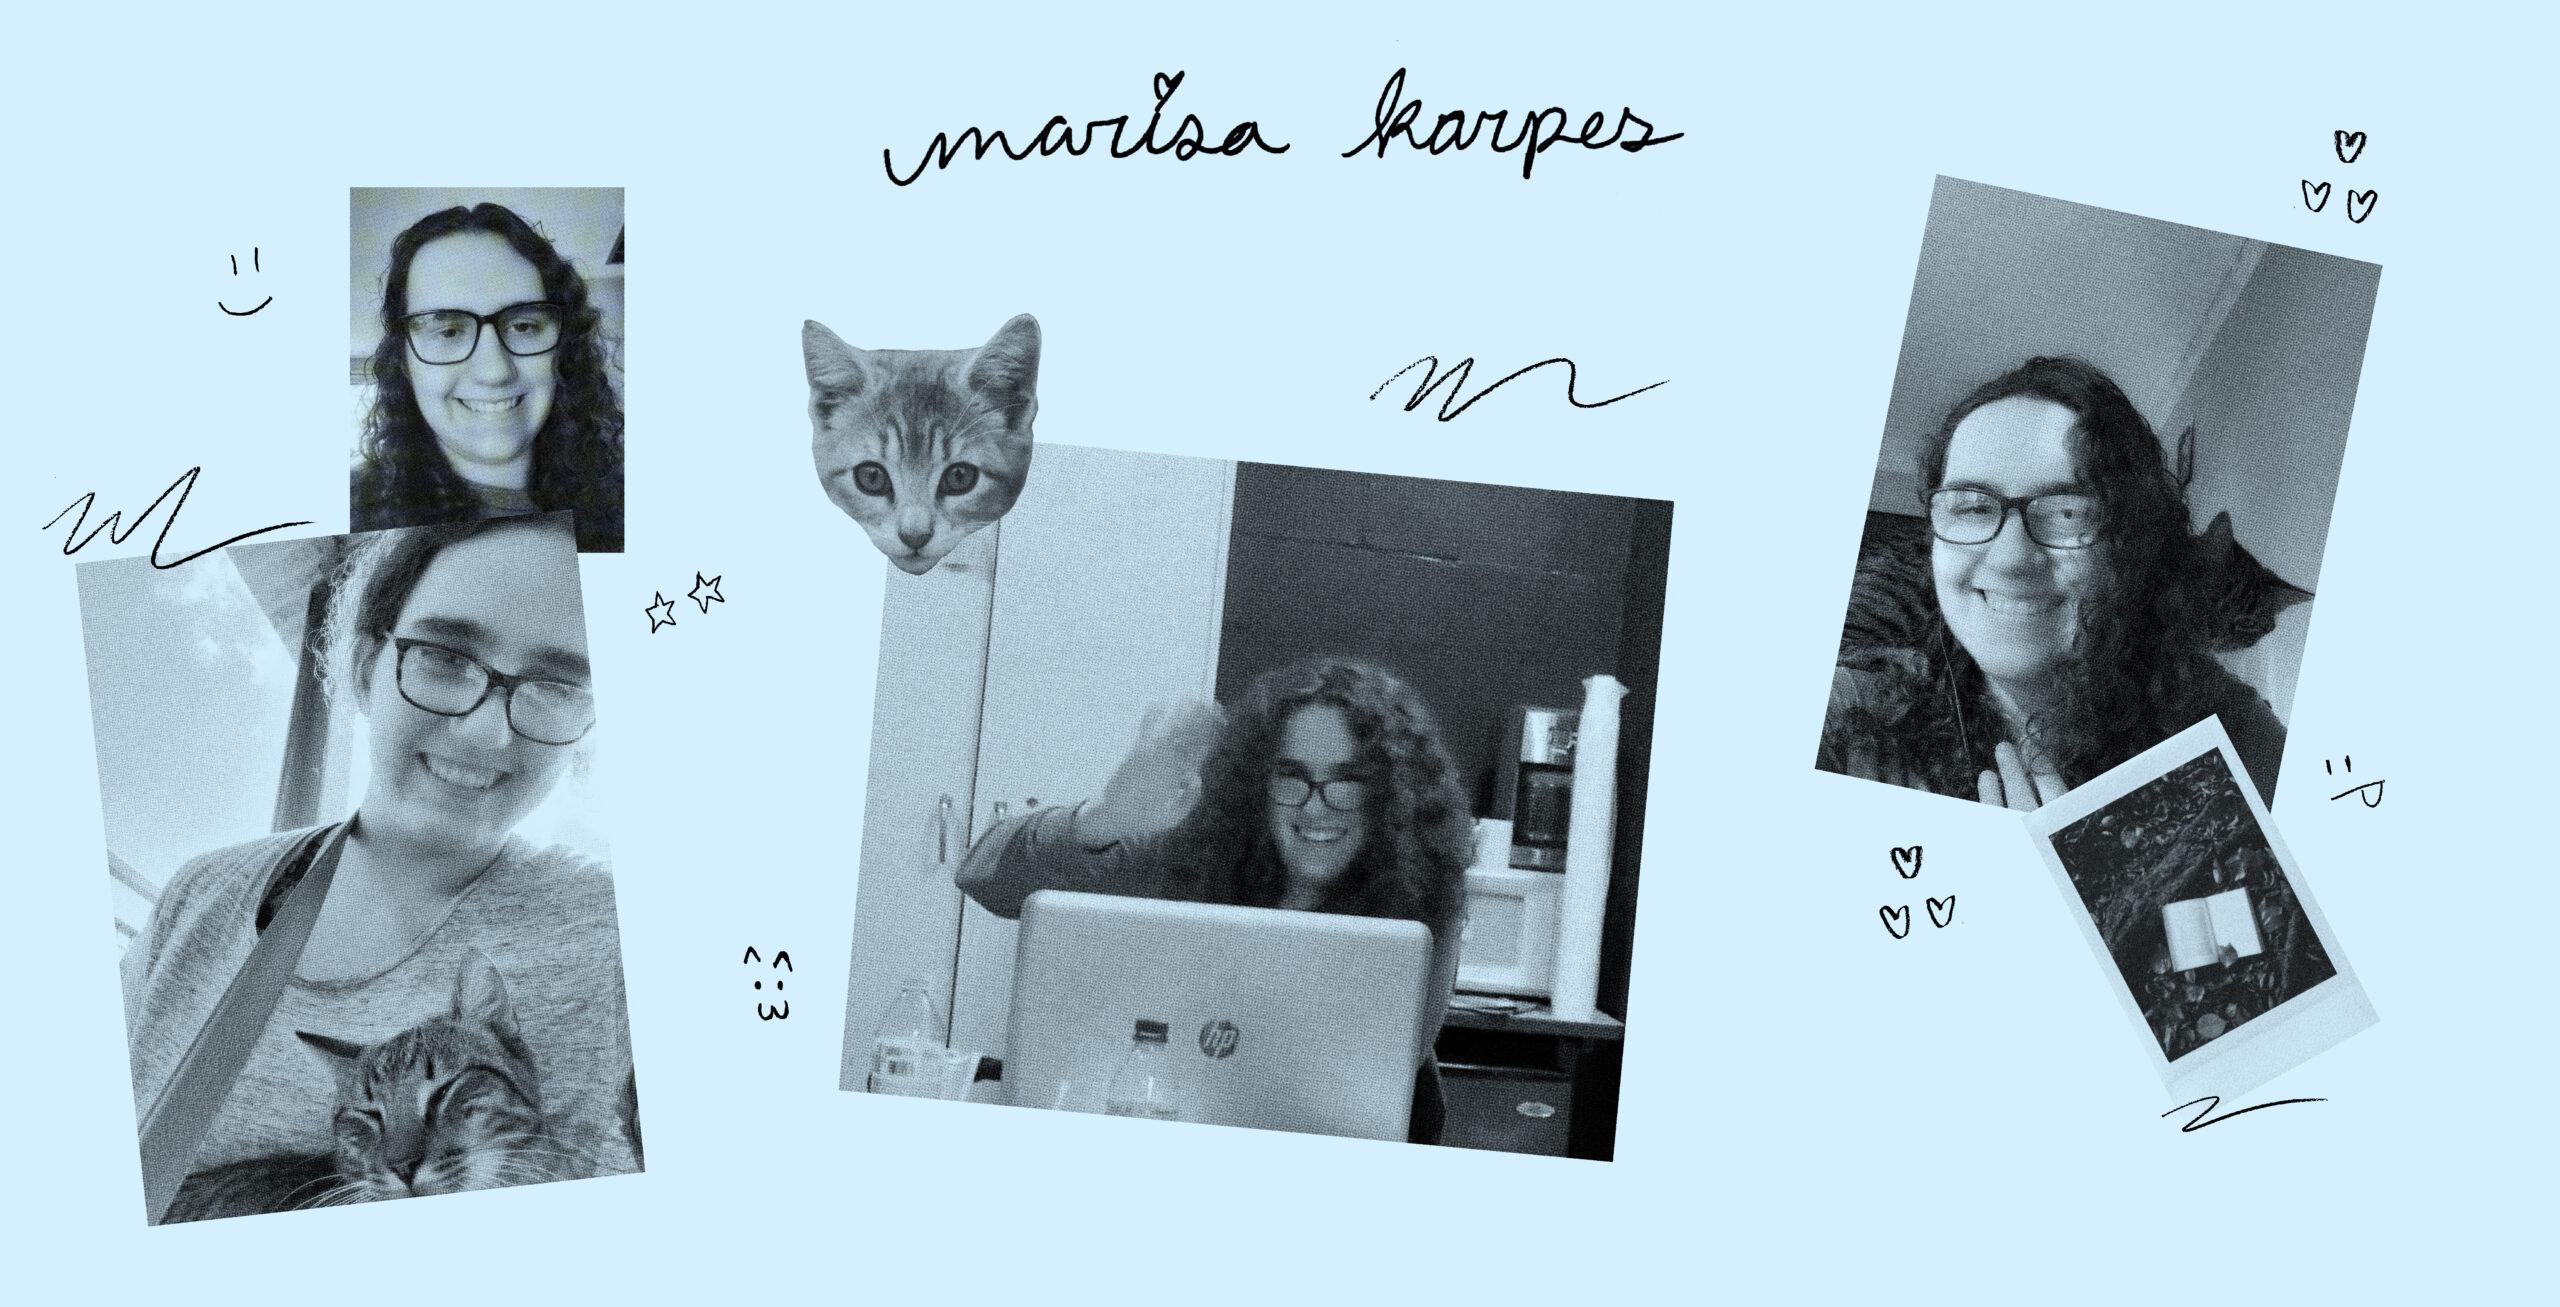 Senior Memoir—Marisa Karpes